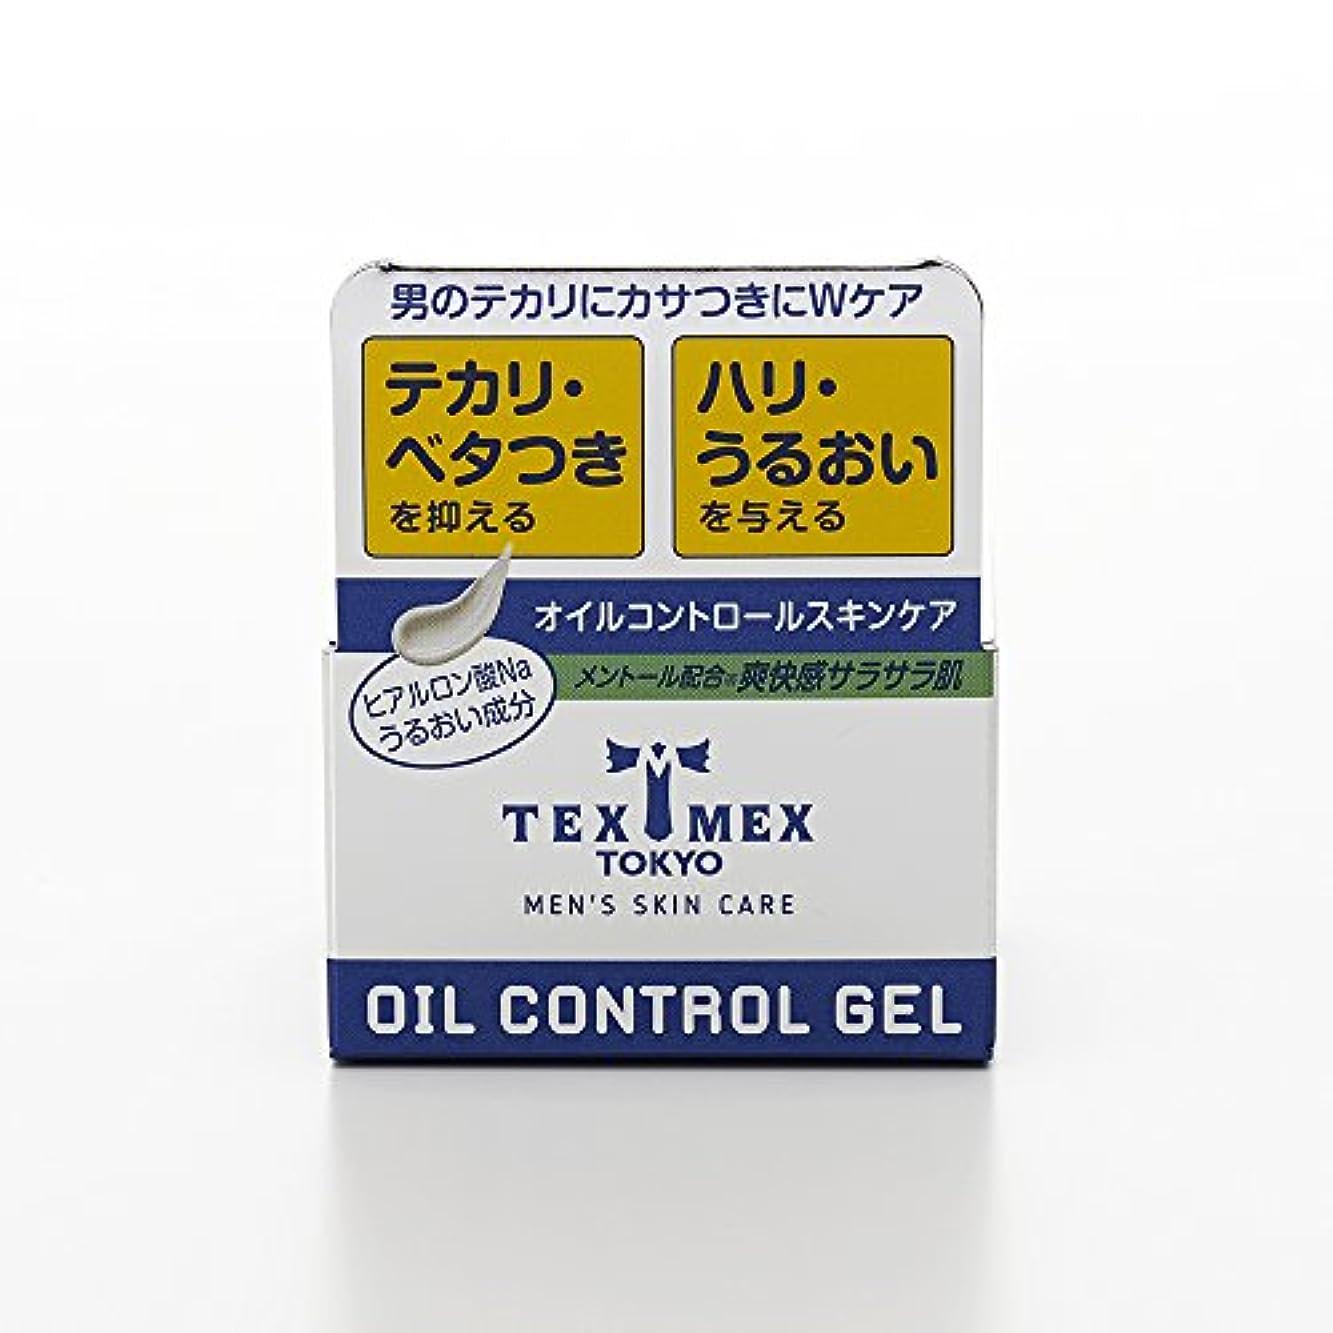 しつけマラドロイト委員会テックスメックス オイルコントロールジェル 24g (テカリ防止ジェル) 【塗るだけでサラサラ肌に】